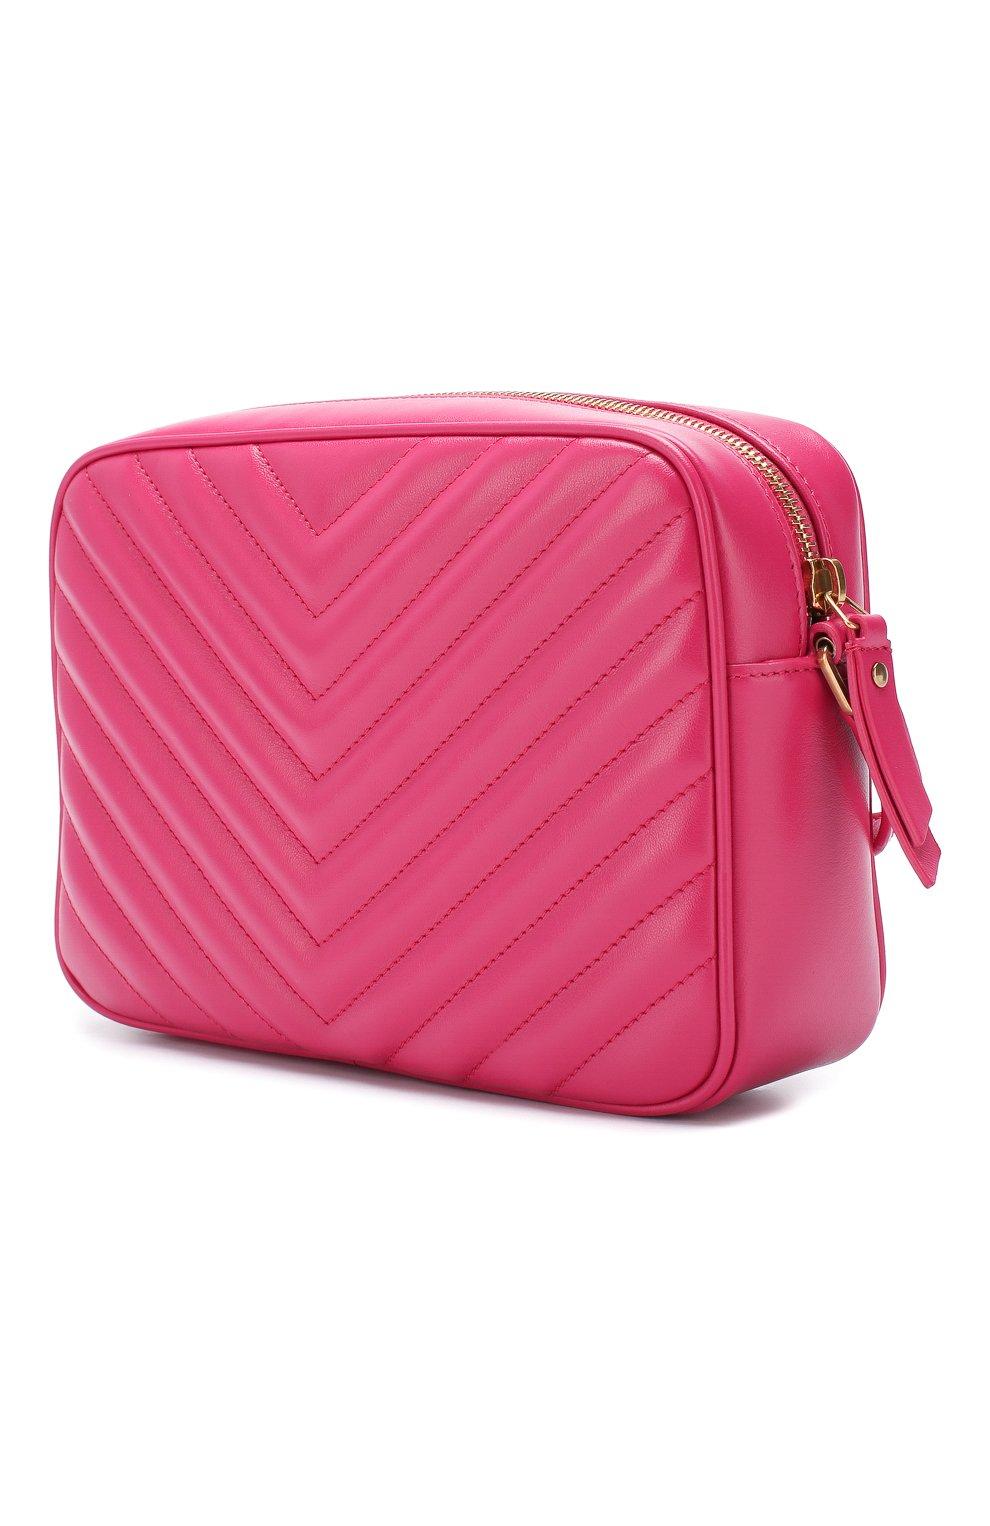 5088f8c1 Женские сумки Sisley купить в интернет-магазине ЦУМ - товар распродан